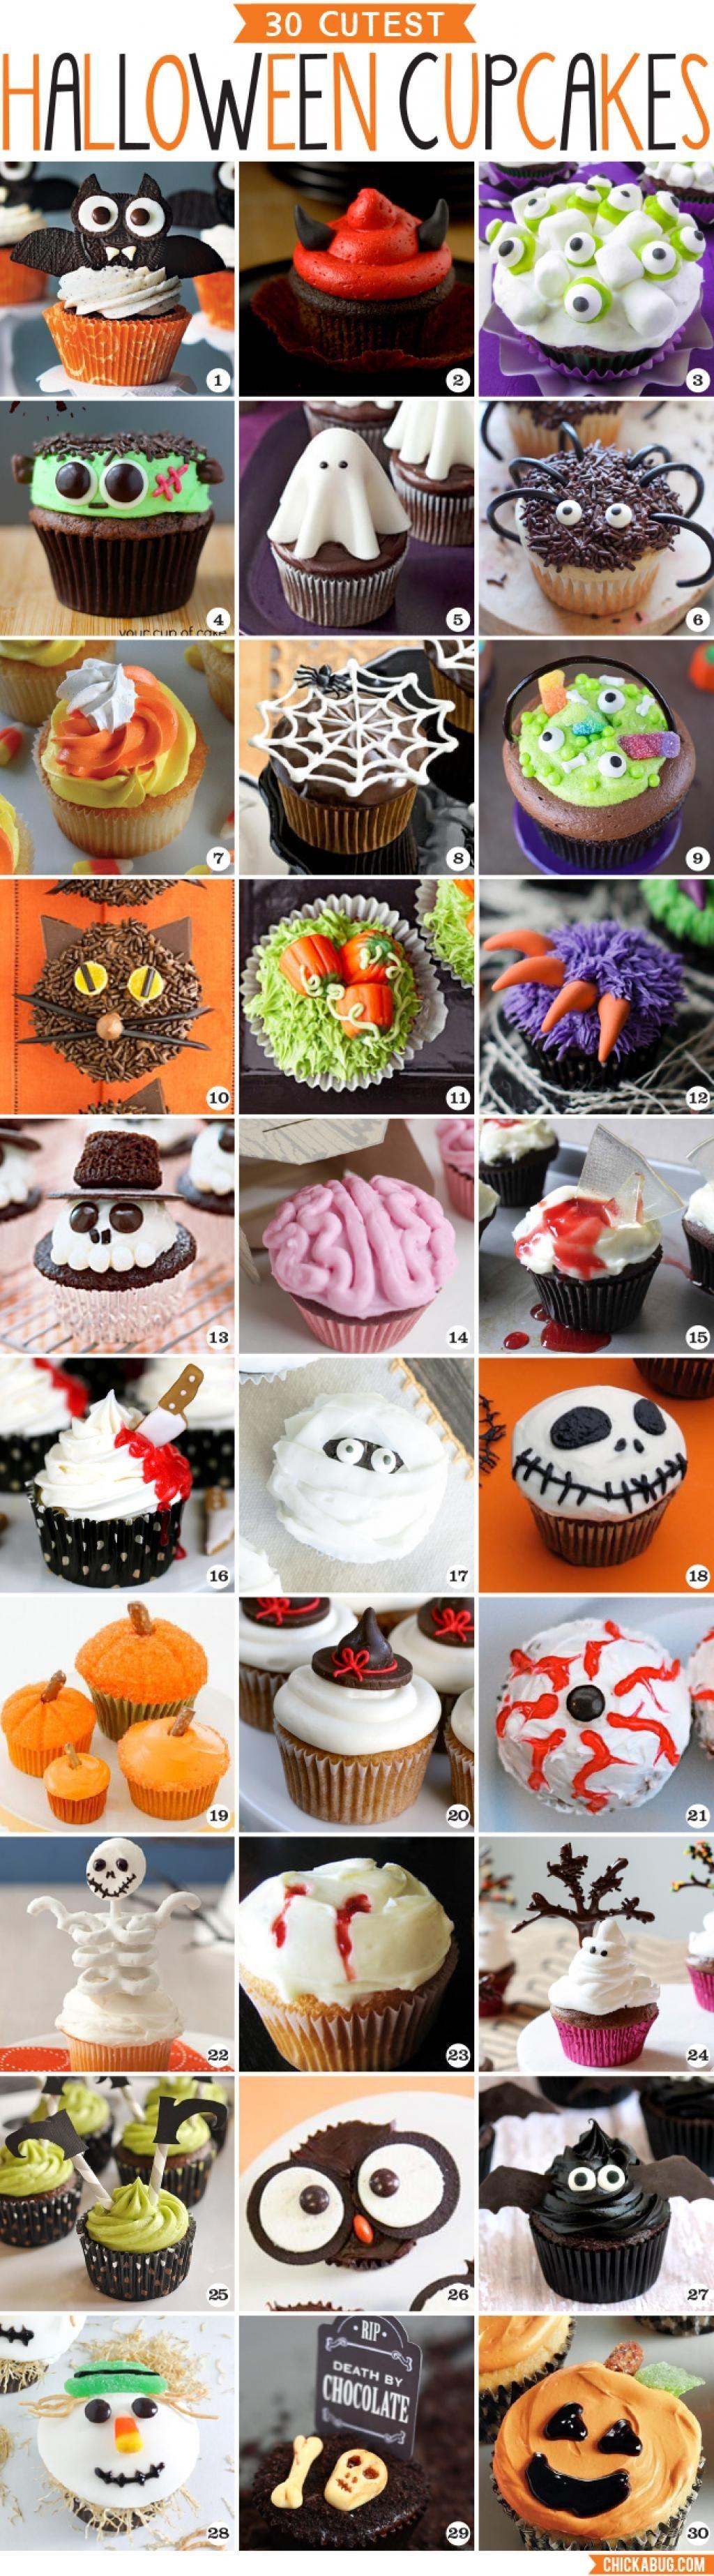 30 cupcakes d'Halloween totalement craquants que l'on veut répliquer! #repashalloween